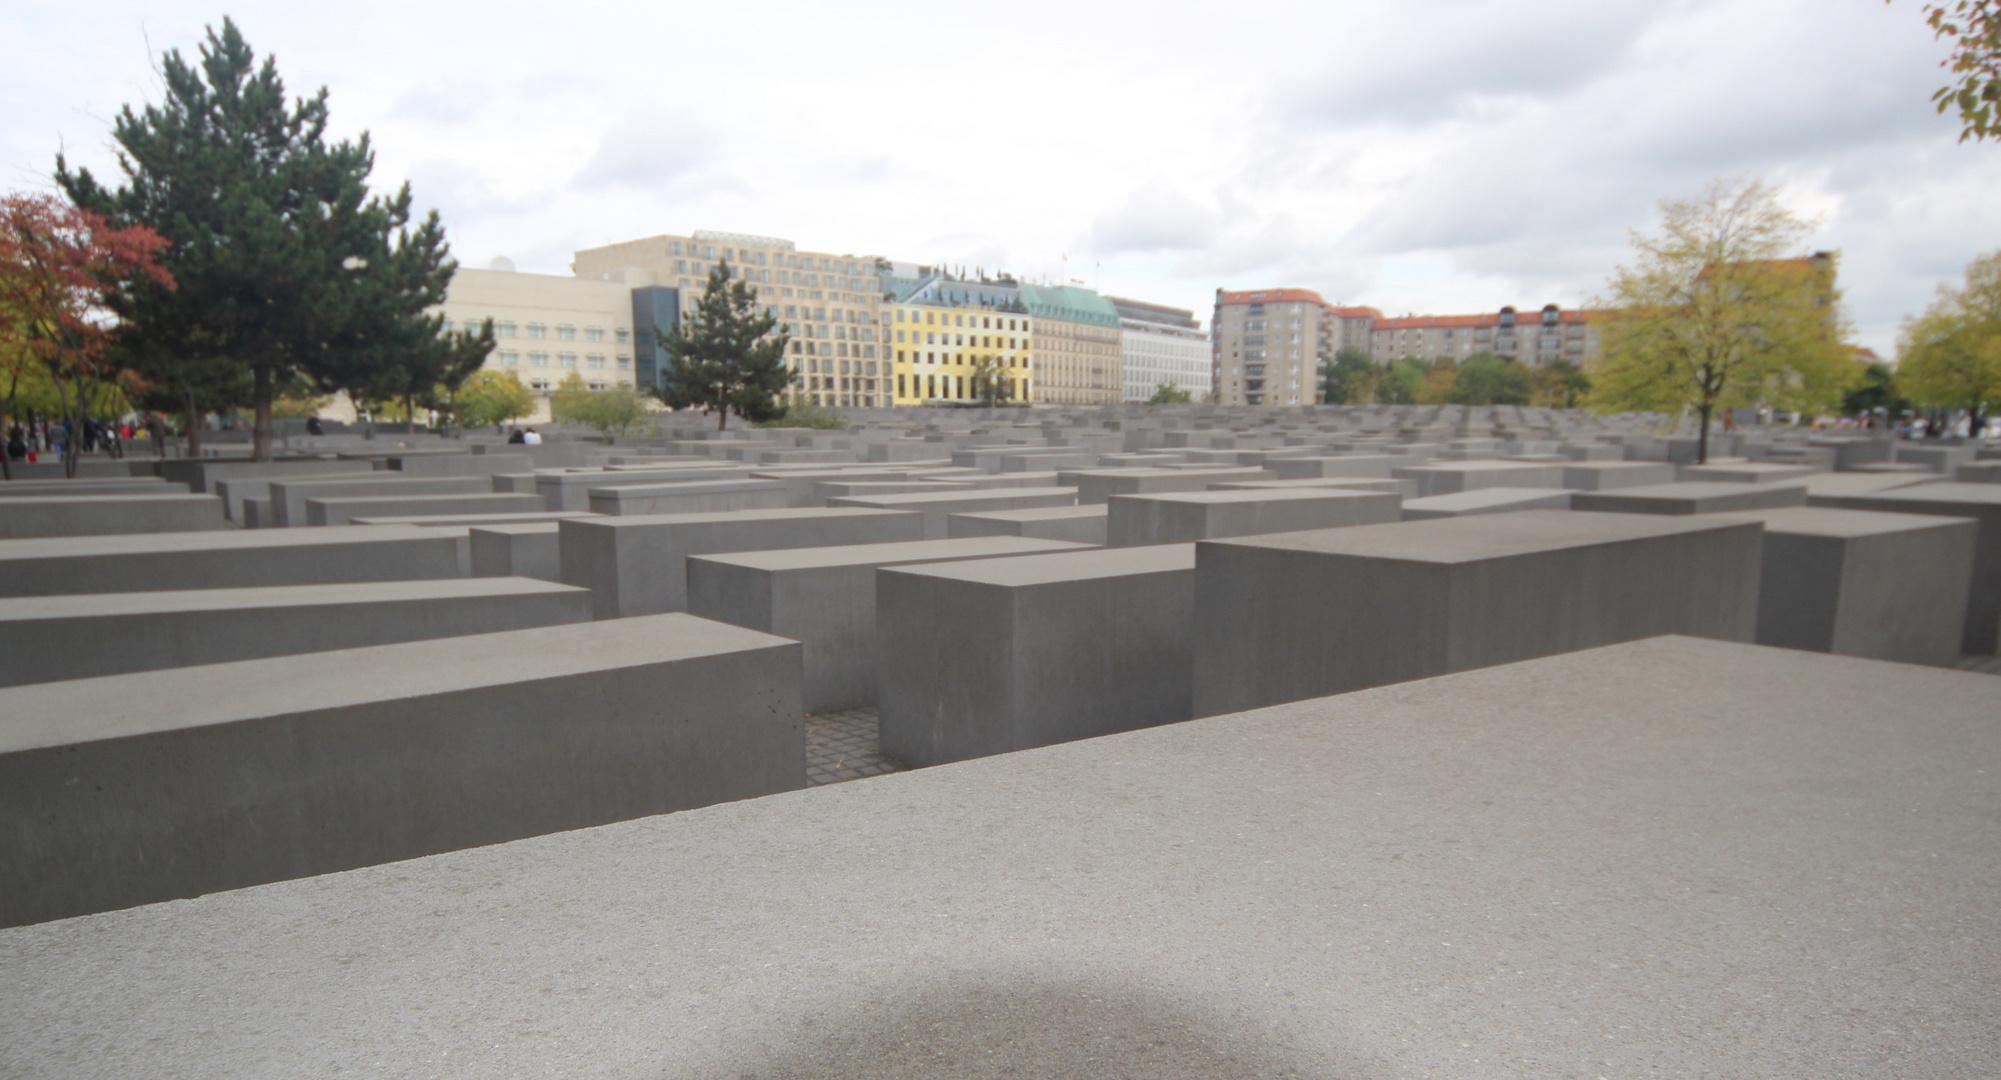 Monumento in memoria delle vittime dell'olocausto